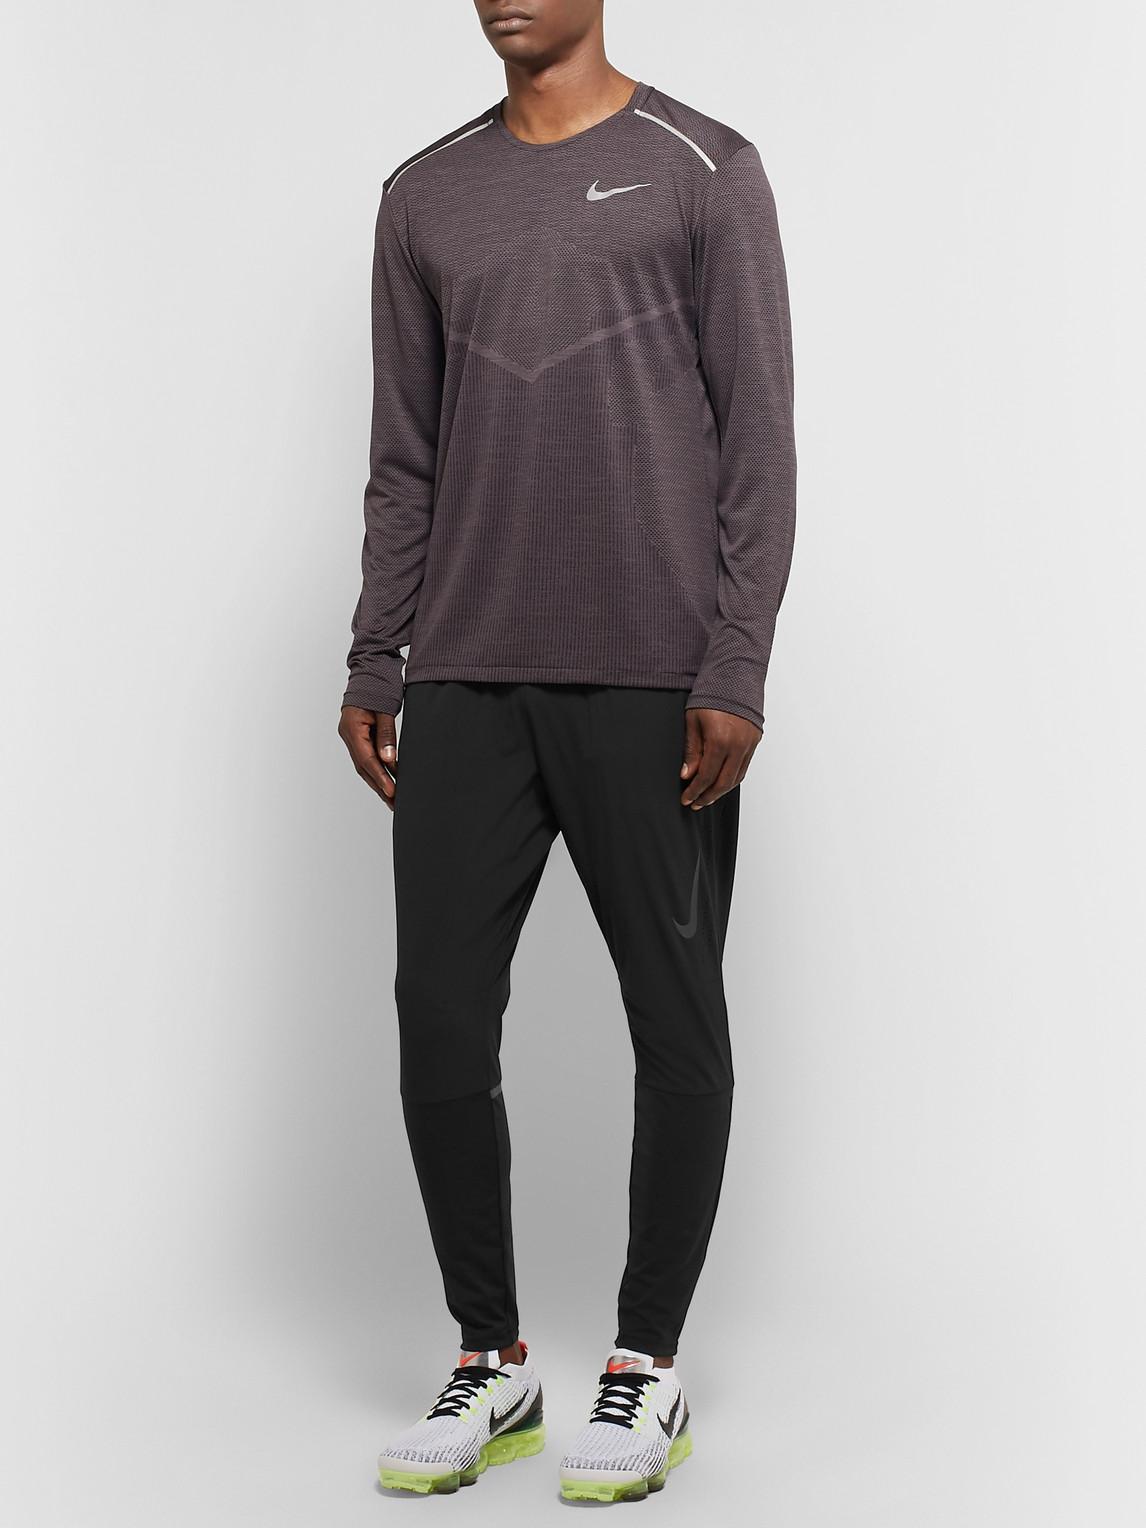 Nike Tops SWIFT PERFORATED FLEX DRI